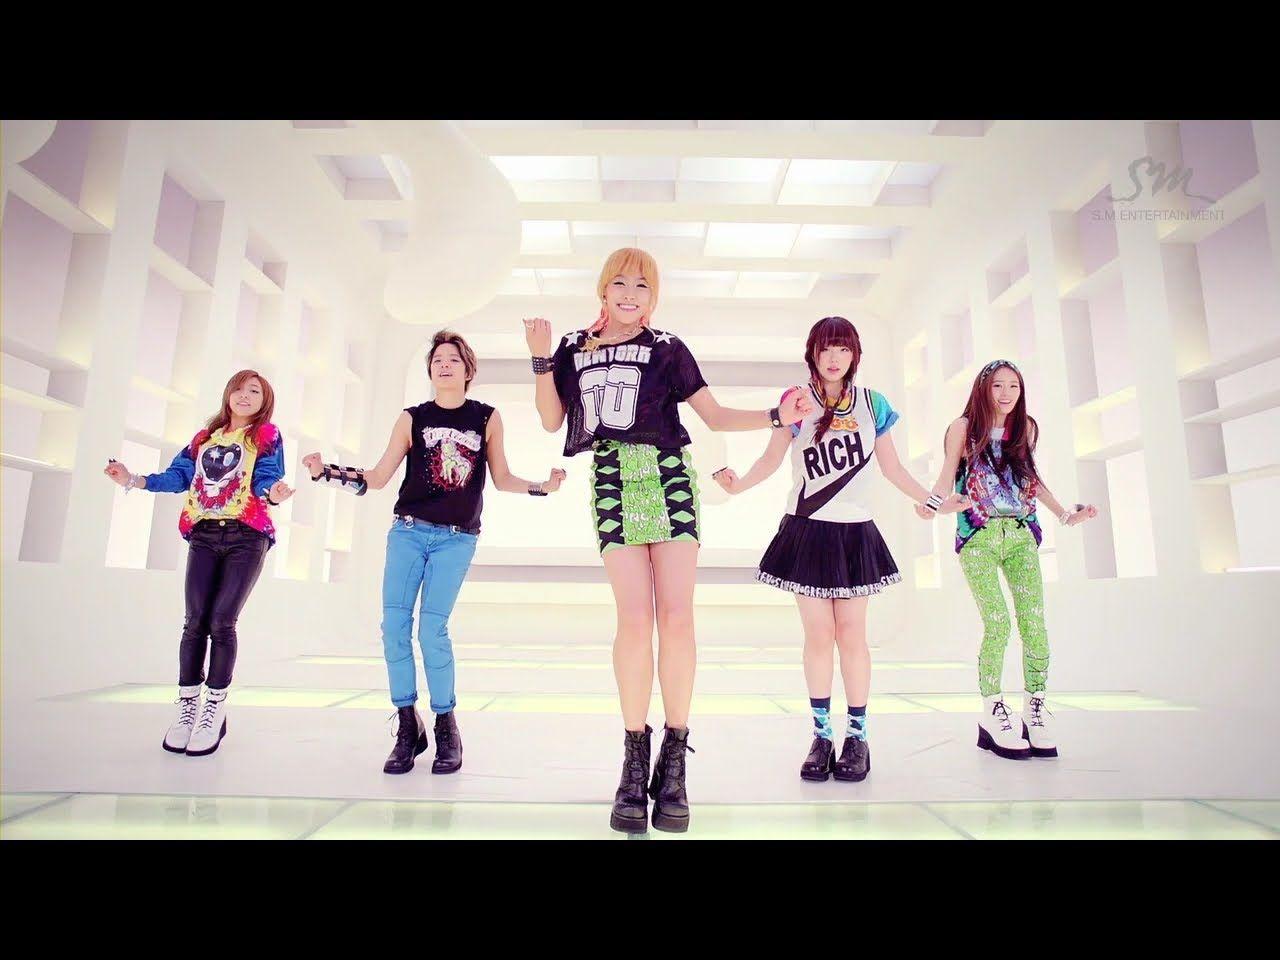 에프엑스_Electric Shock_Music Video.  f(x) the first girl group I liked quickly followed by 2NE1